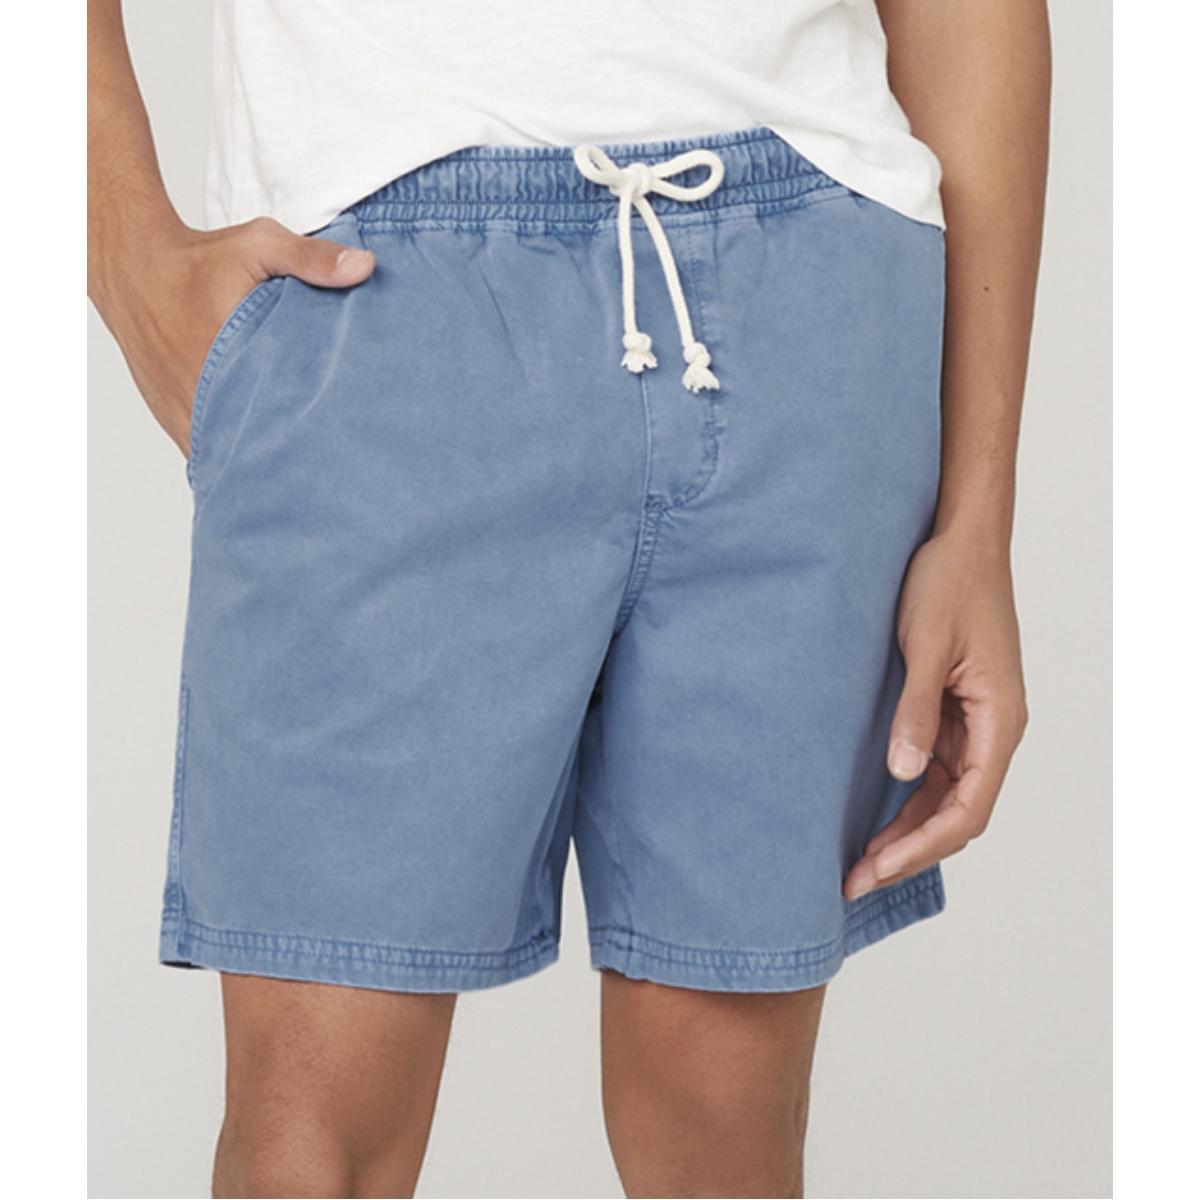 Short Masculino Dzarm Zc5d Az2sn Azul Jeans